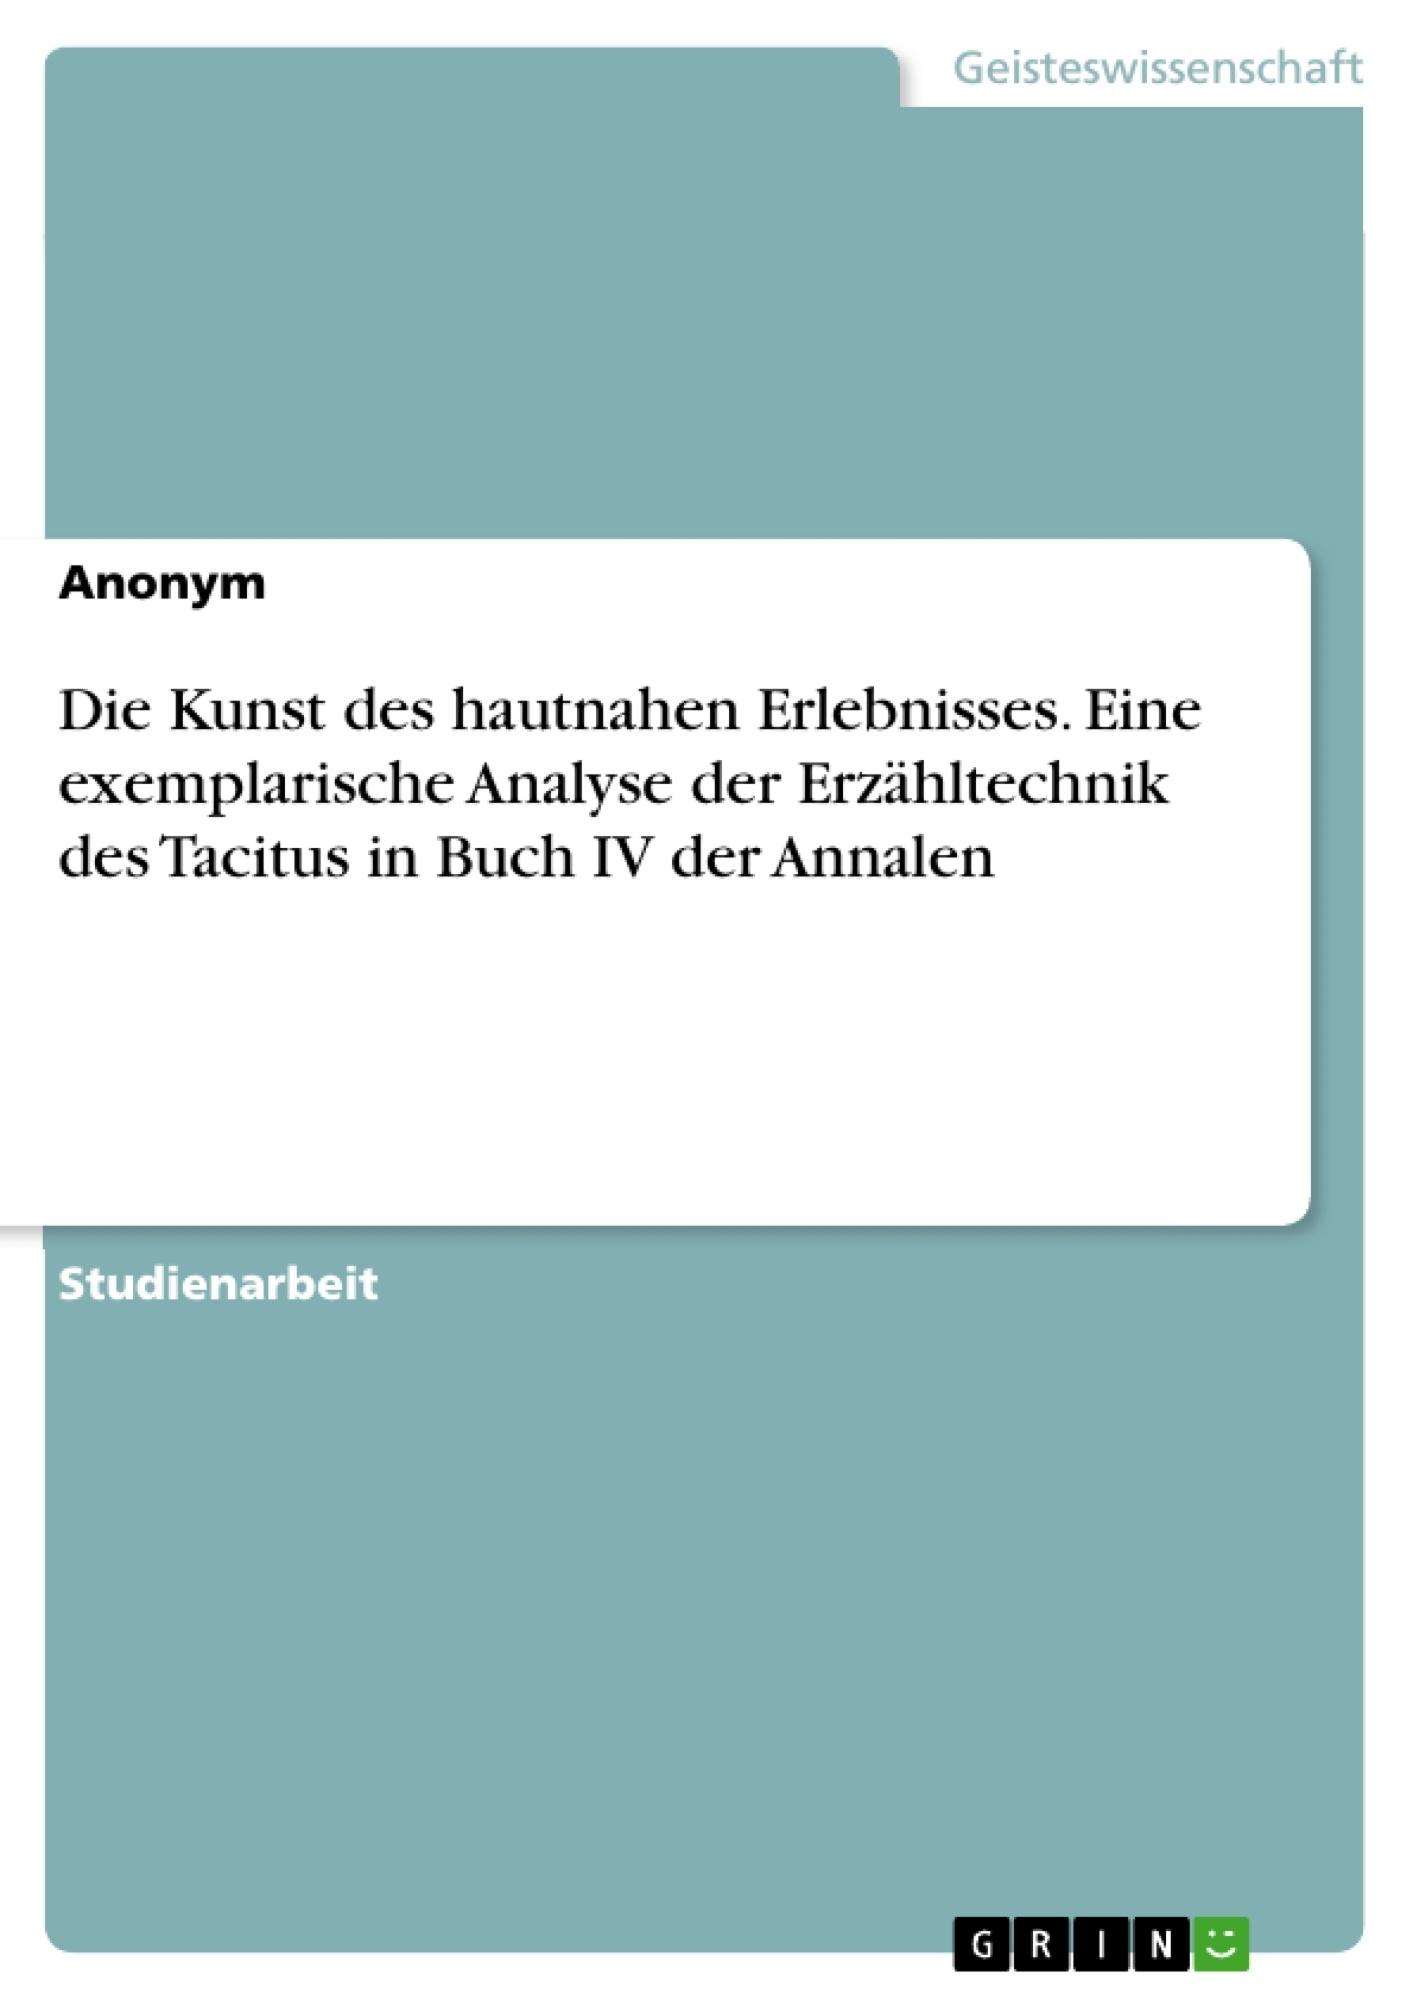 Titel: Die Kunst des hautnahen Erlebnisses. Eine exemplarische Analyse der Erzähltechnik des Tacitus in Buch IV der Annalen